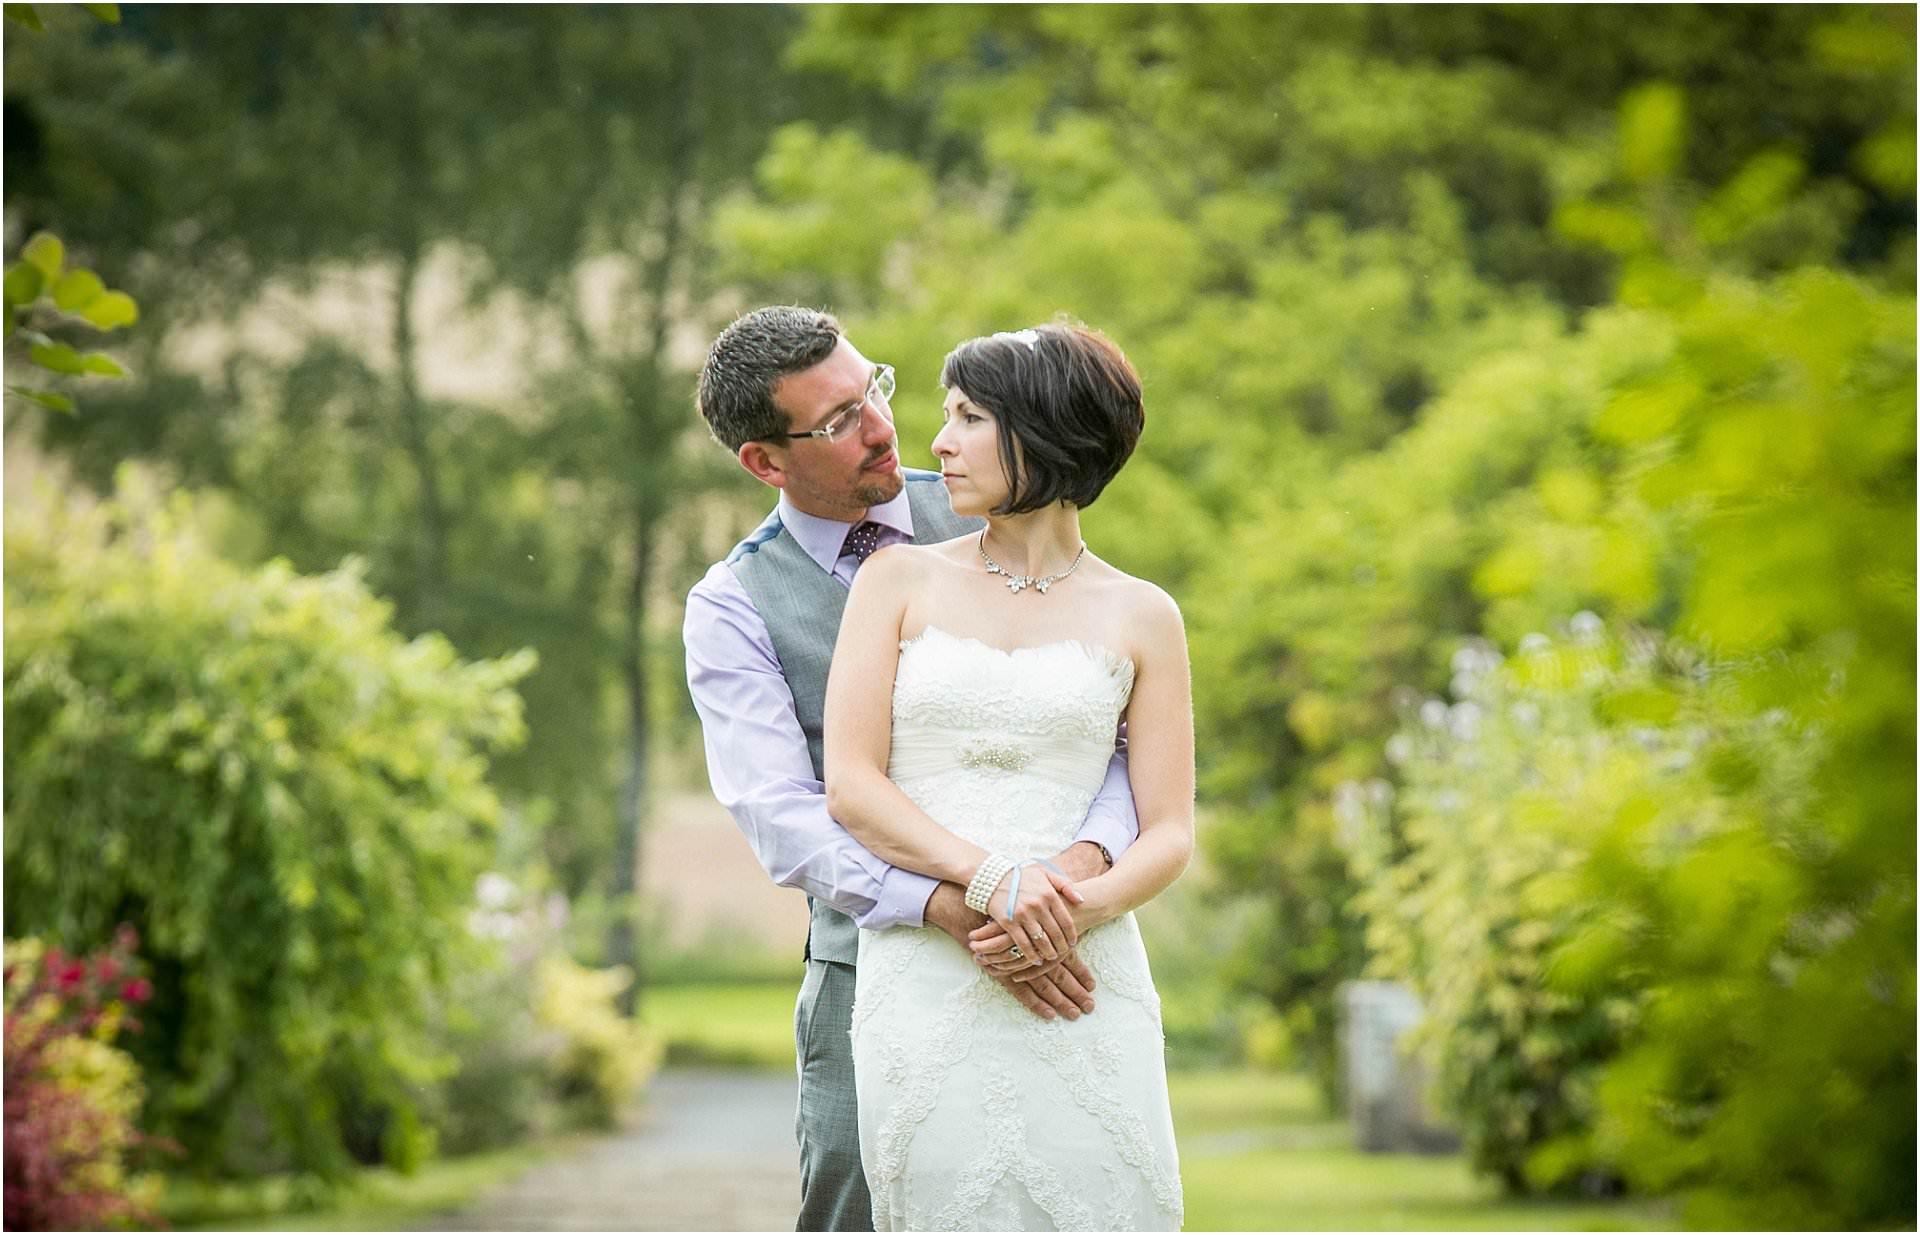 Brinsop Court Wedding Photographer Herefordshire